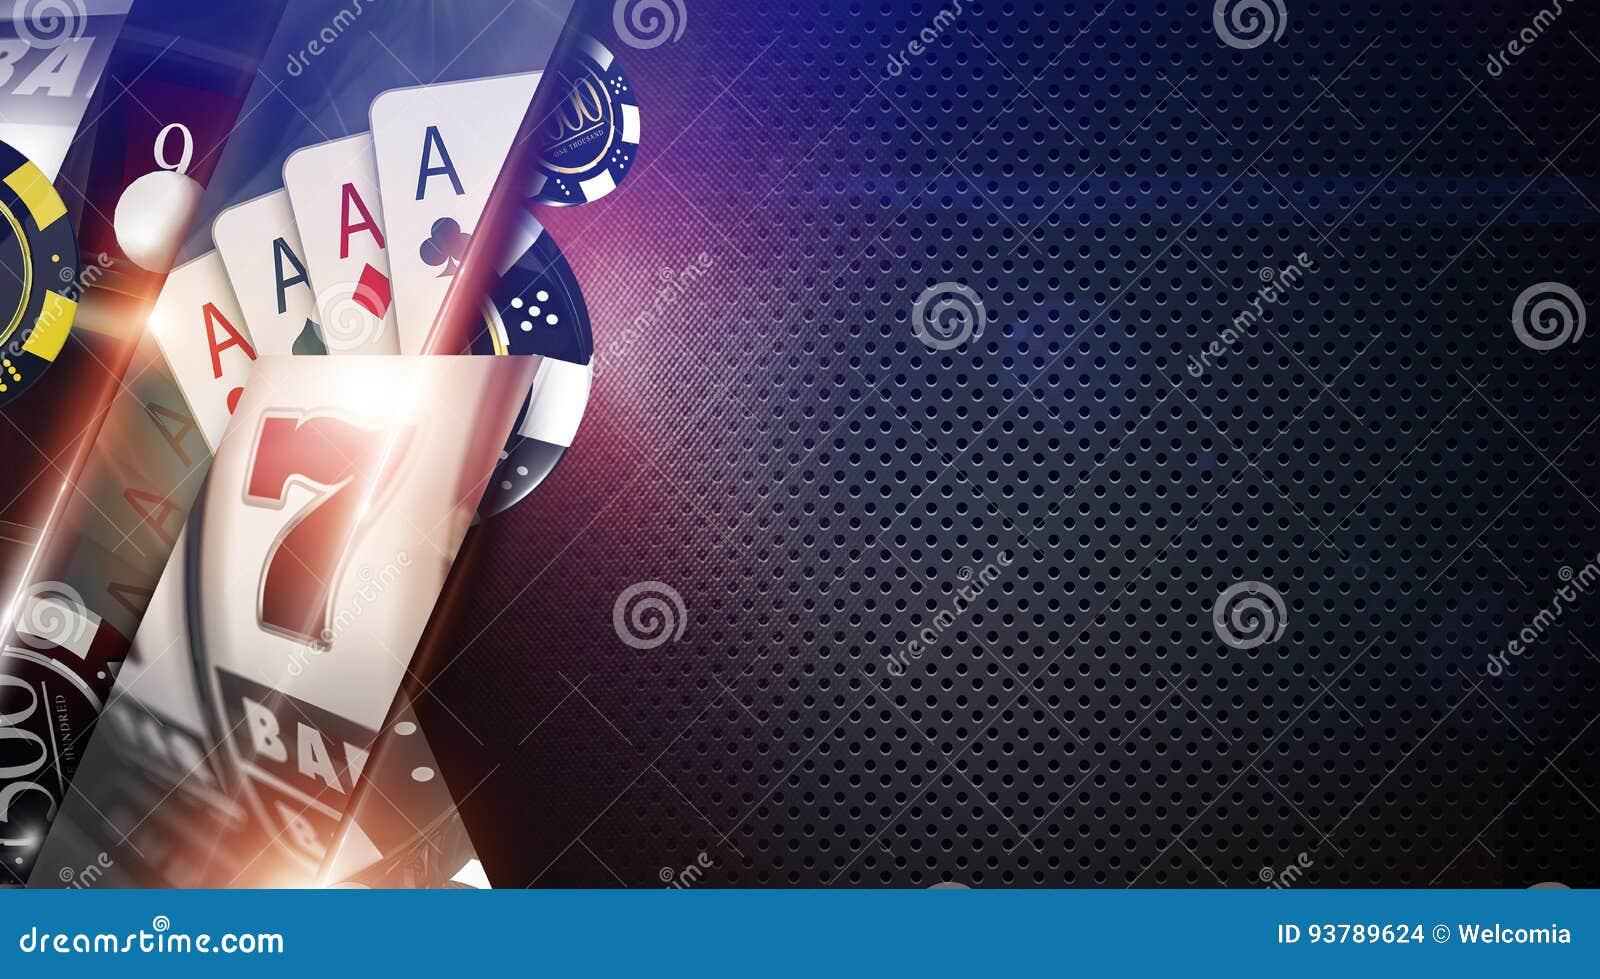 赌博娱乐场比赛背景